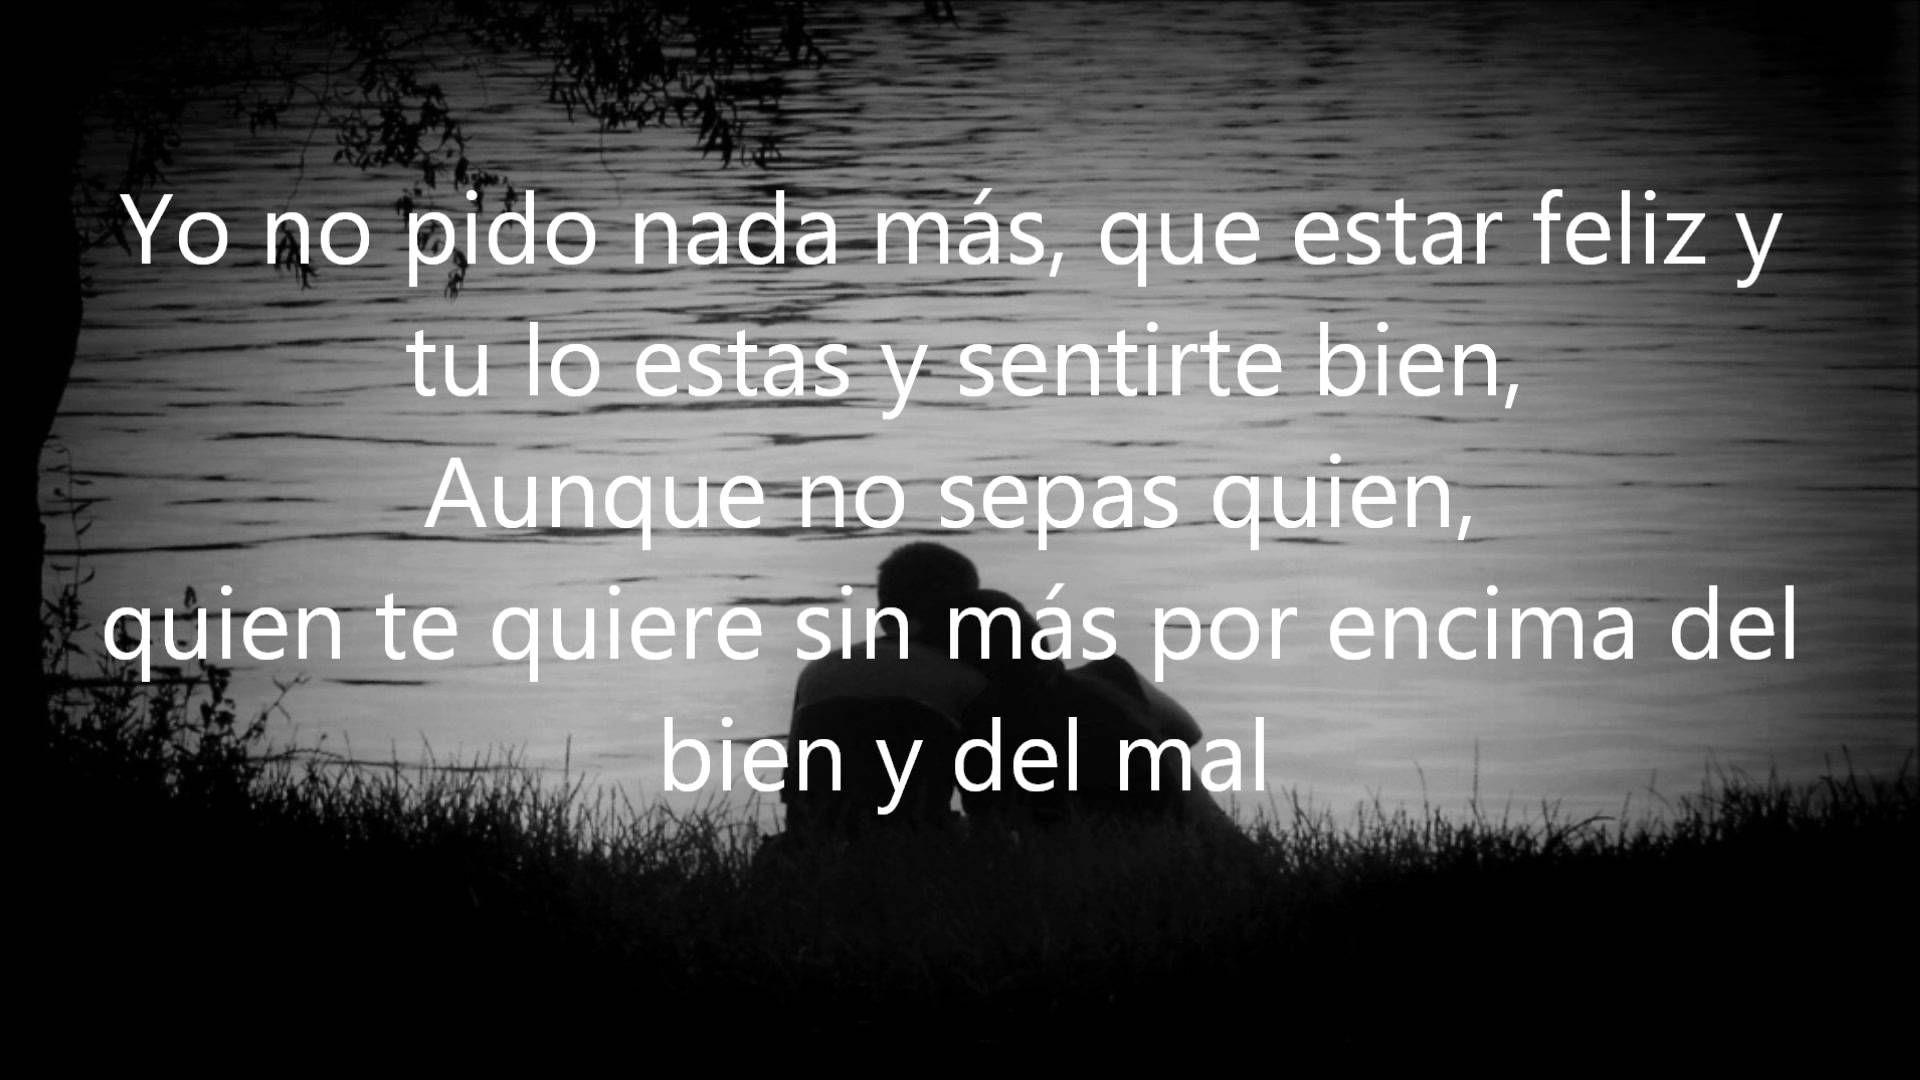 Enrique Iglesias - Alguien Soy Yo (Lyrics/Letra) | Musica ...